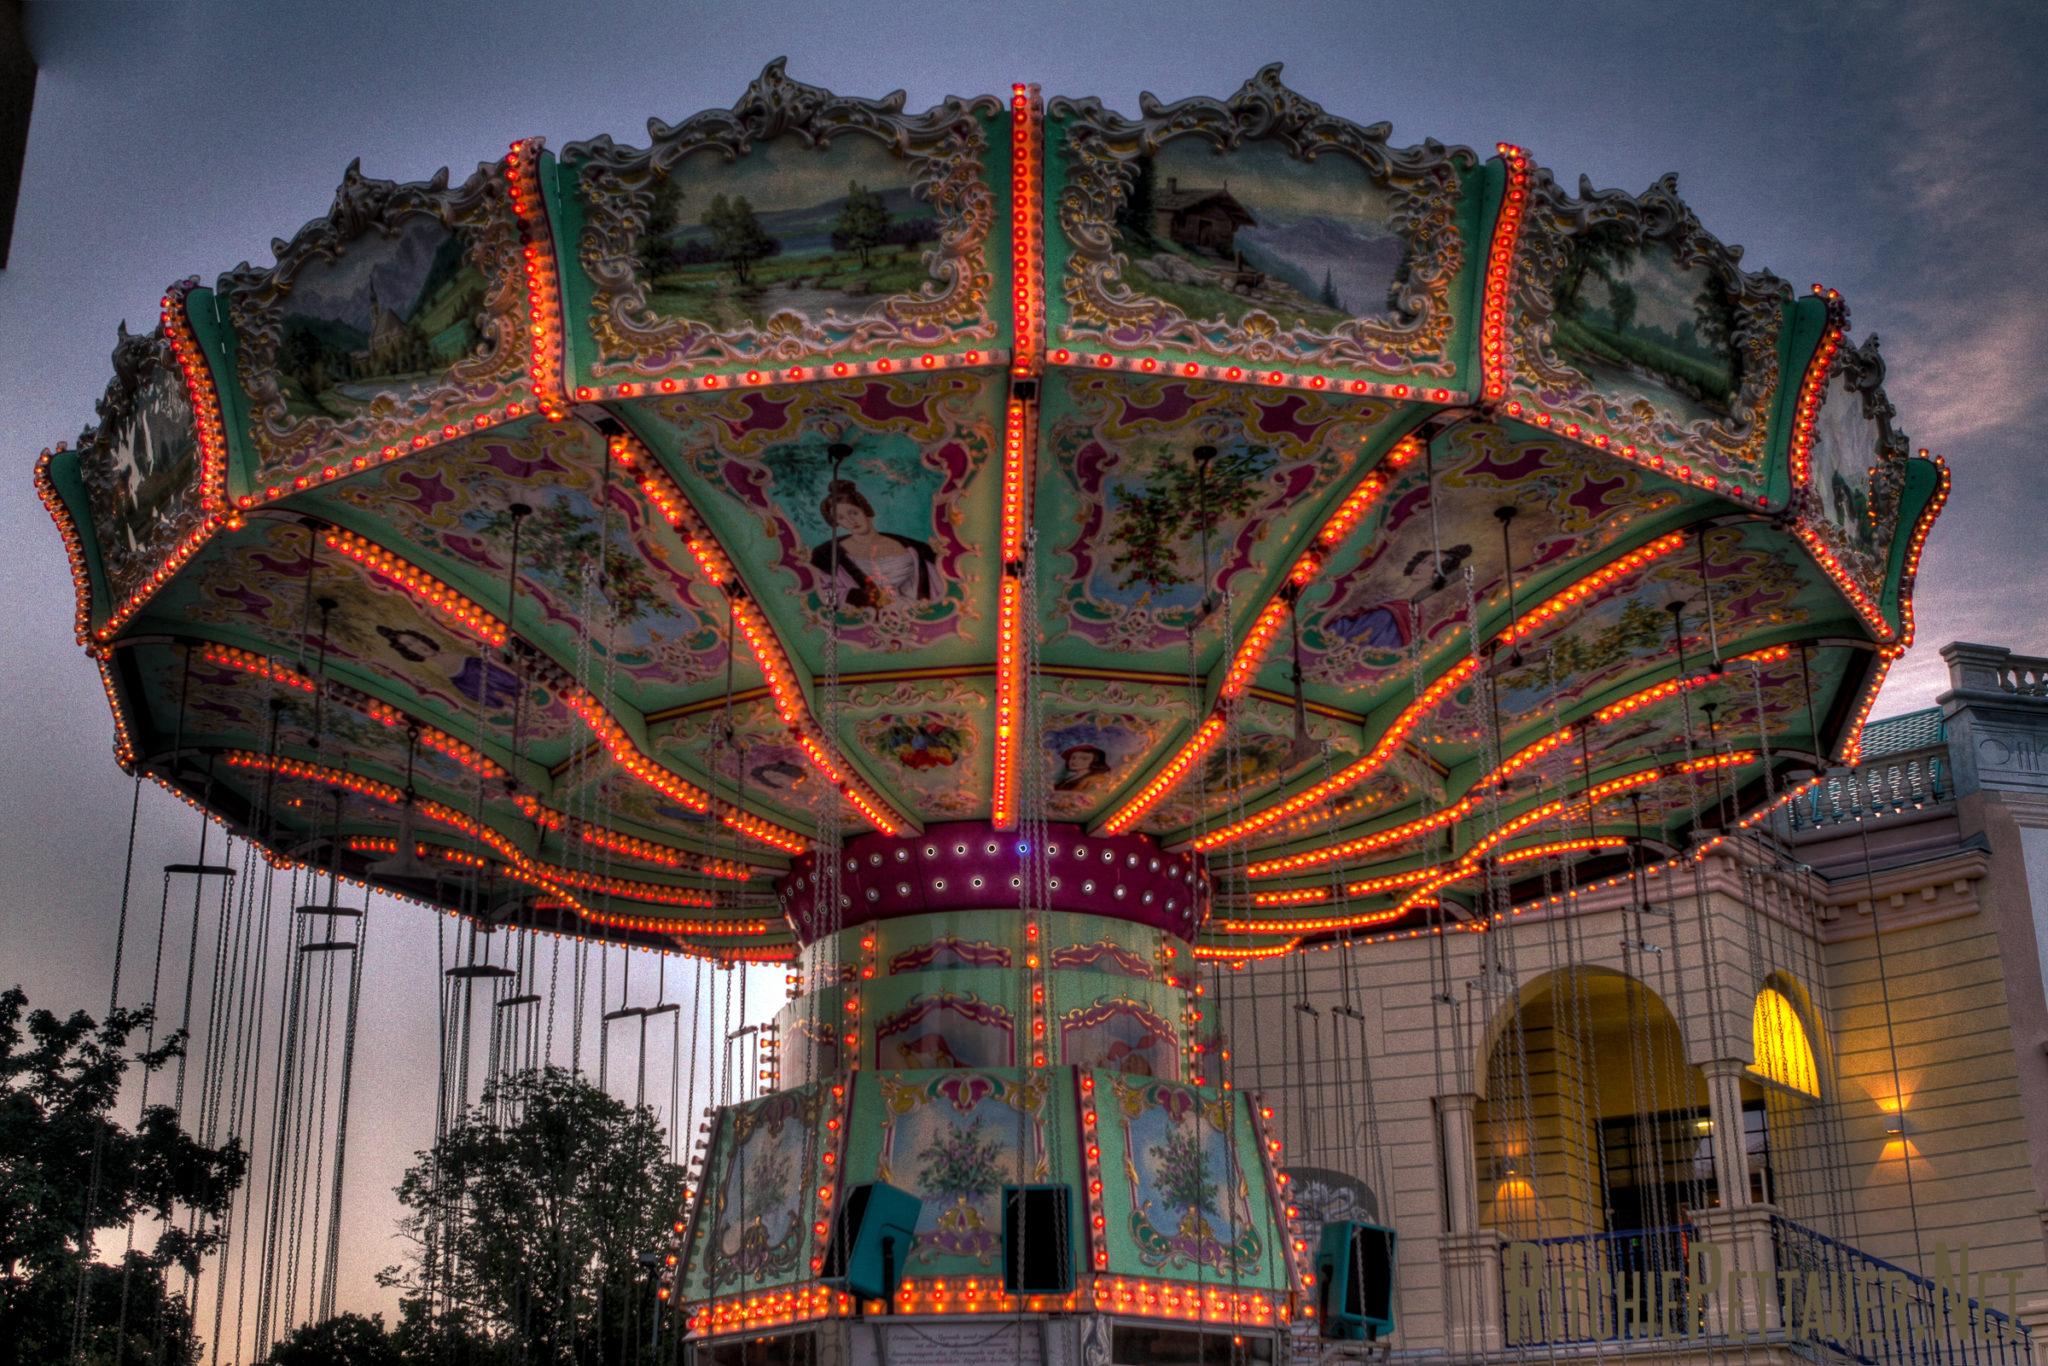 Merry-go-Round at Prater Vienna